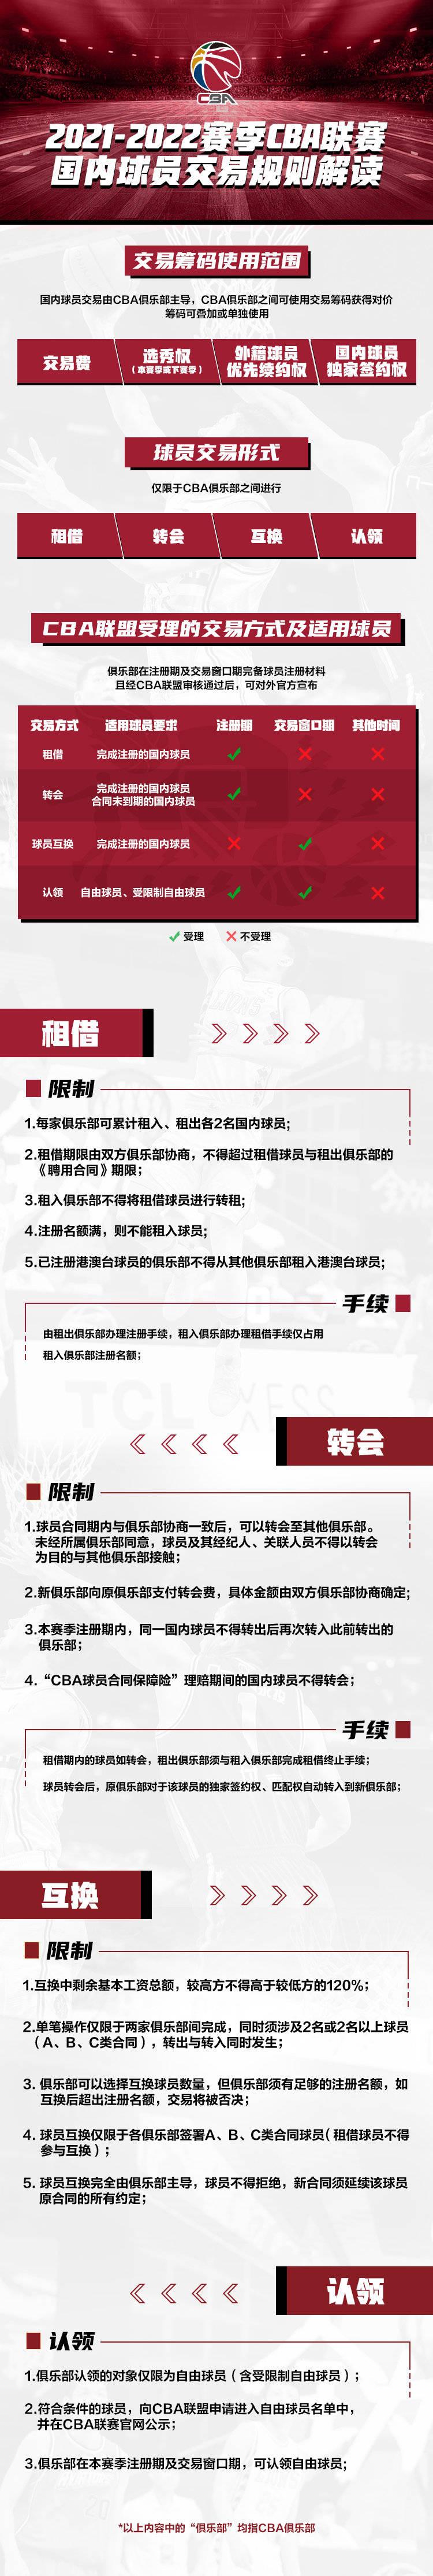 官方:一图看懂21-22赛季CBA联赛国内球员交易规则_皇朝娱乐官网